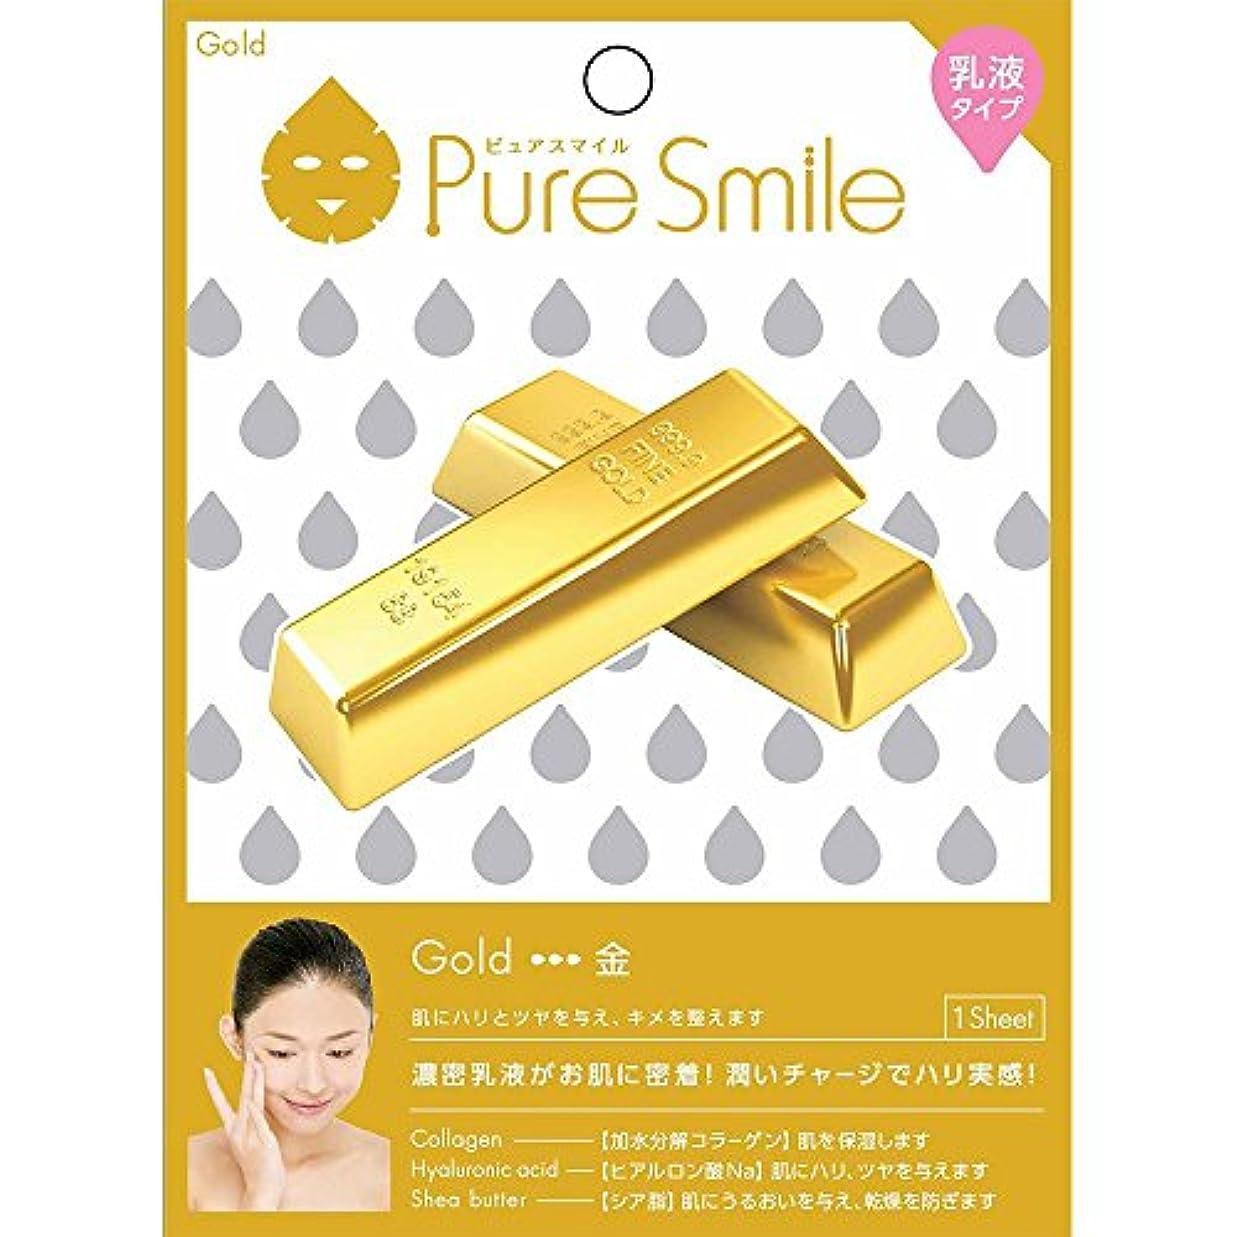 ダイアクリティカル胚命令的Pure Smile(ピュアスマイル) 乳液エッセンスマスク 1 枚 金